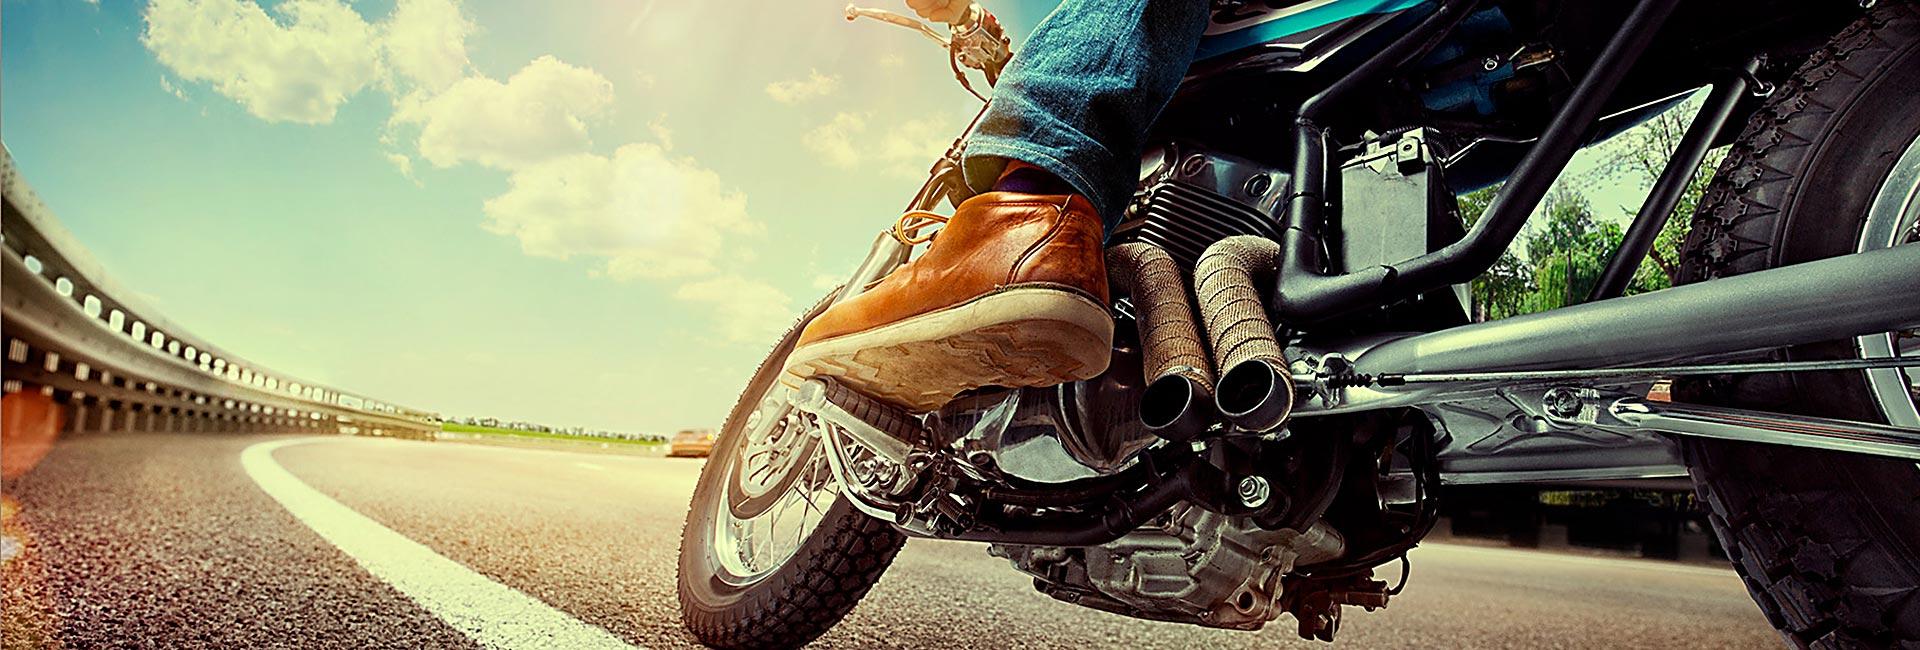 Auto ecole 3C - Palaiseau vous propose des formations deux roues, permis moto ainsi que les formations de 7h pour le 125 cm3 et le permis am - bsr